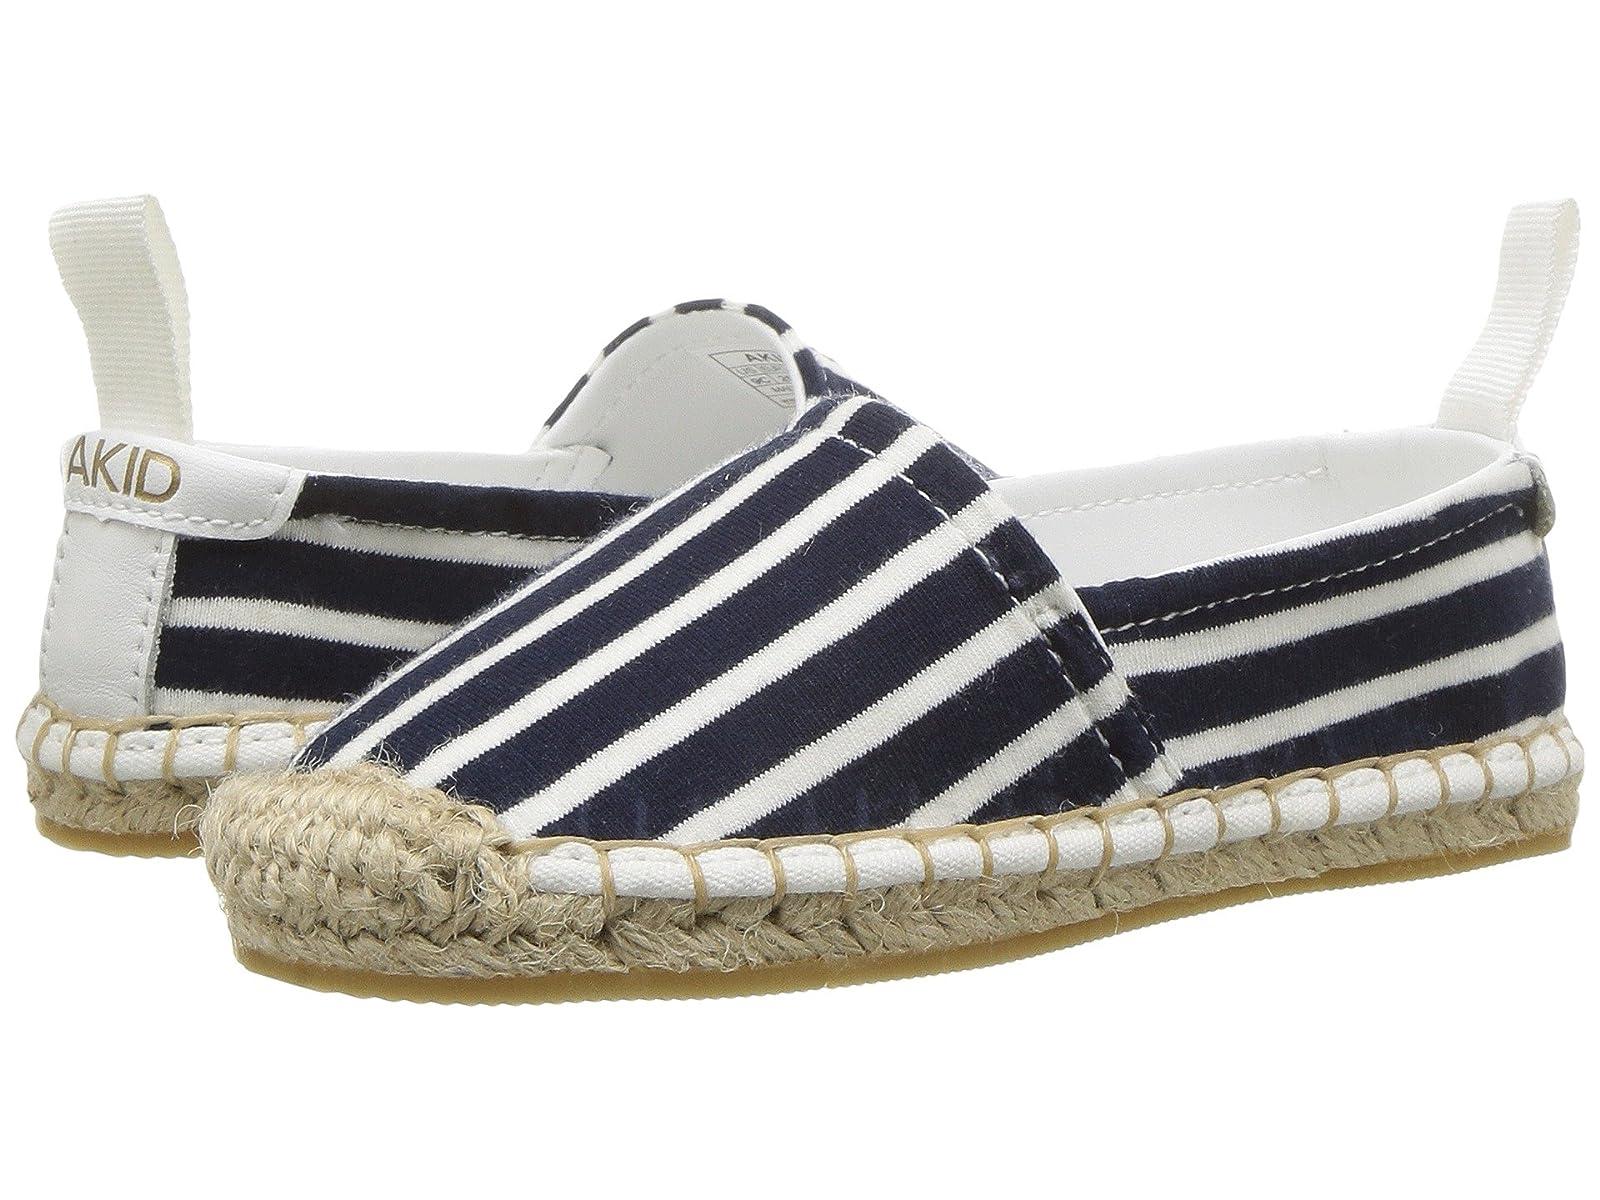 AKID Brand Elle Shoe (Toddler/Little Kid/Big Kid)Atmospheric grades have affordable shoes